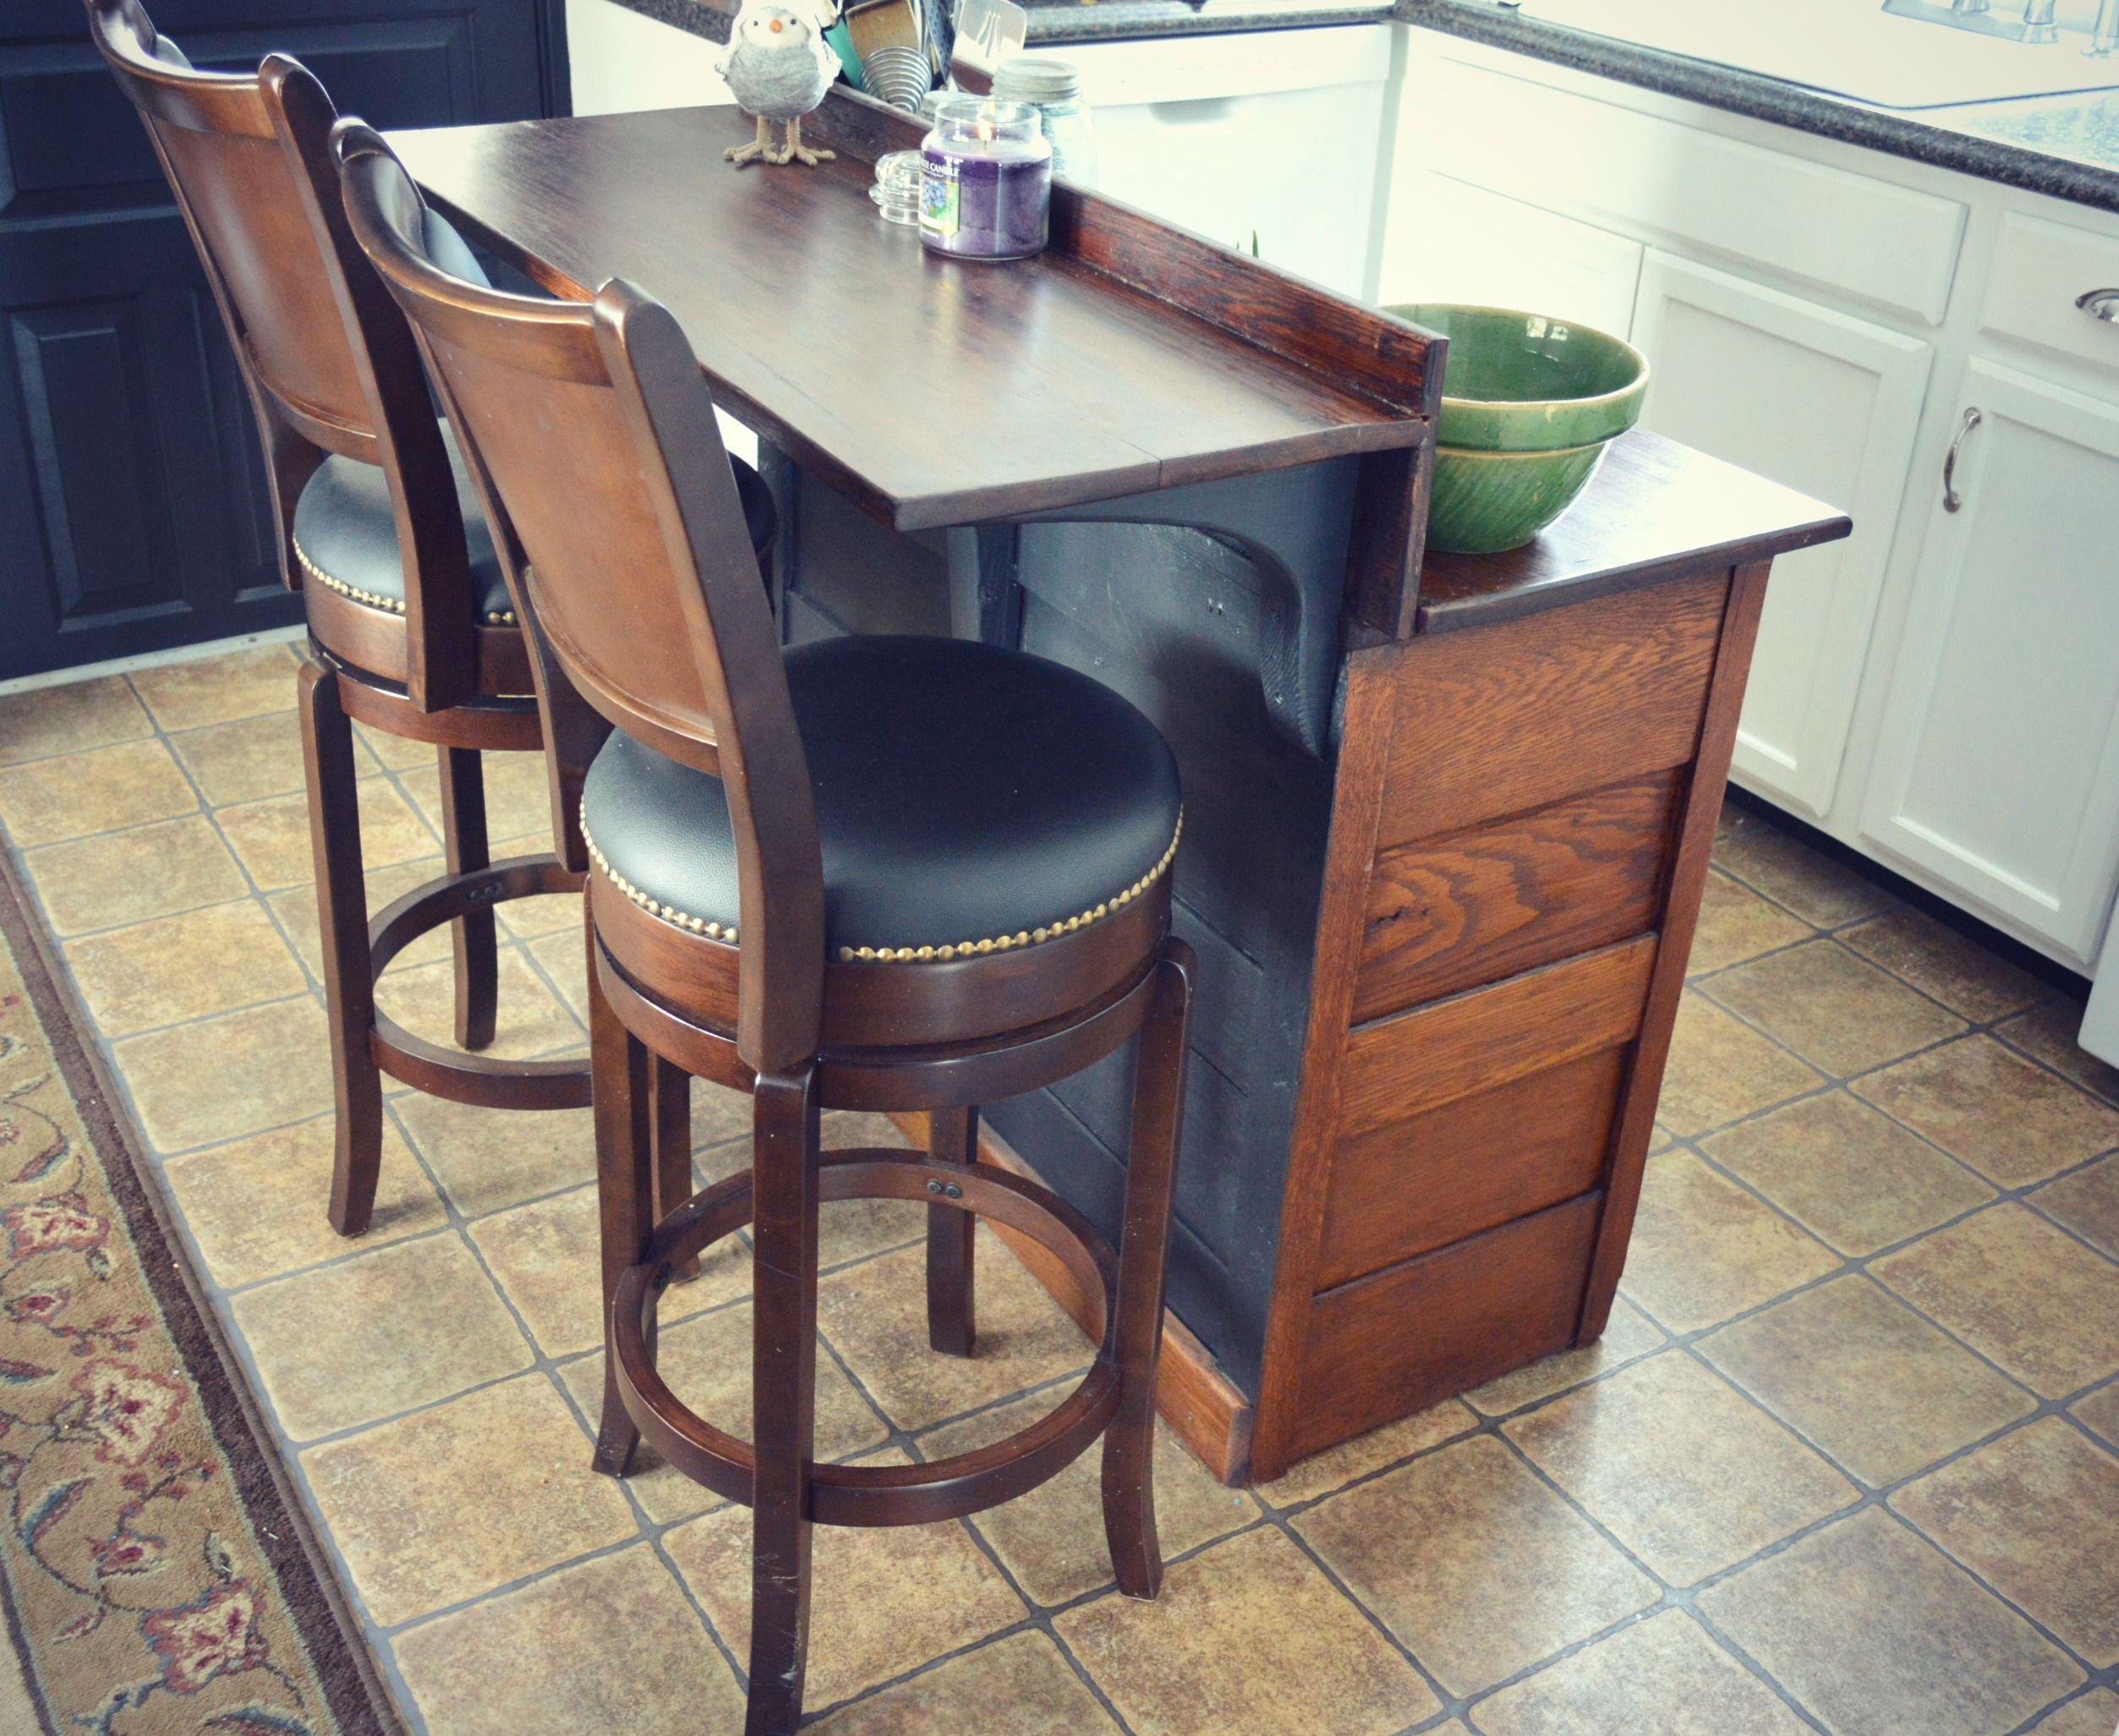 Dresser Turned Into Kitchen Island Google Search Rustic Kitchen Island Dresser Kitchen Island Diy Kitchen